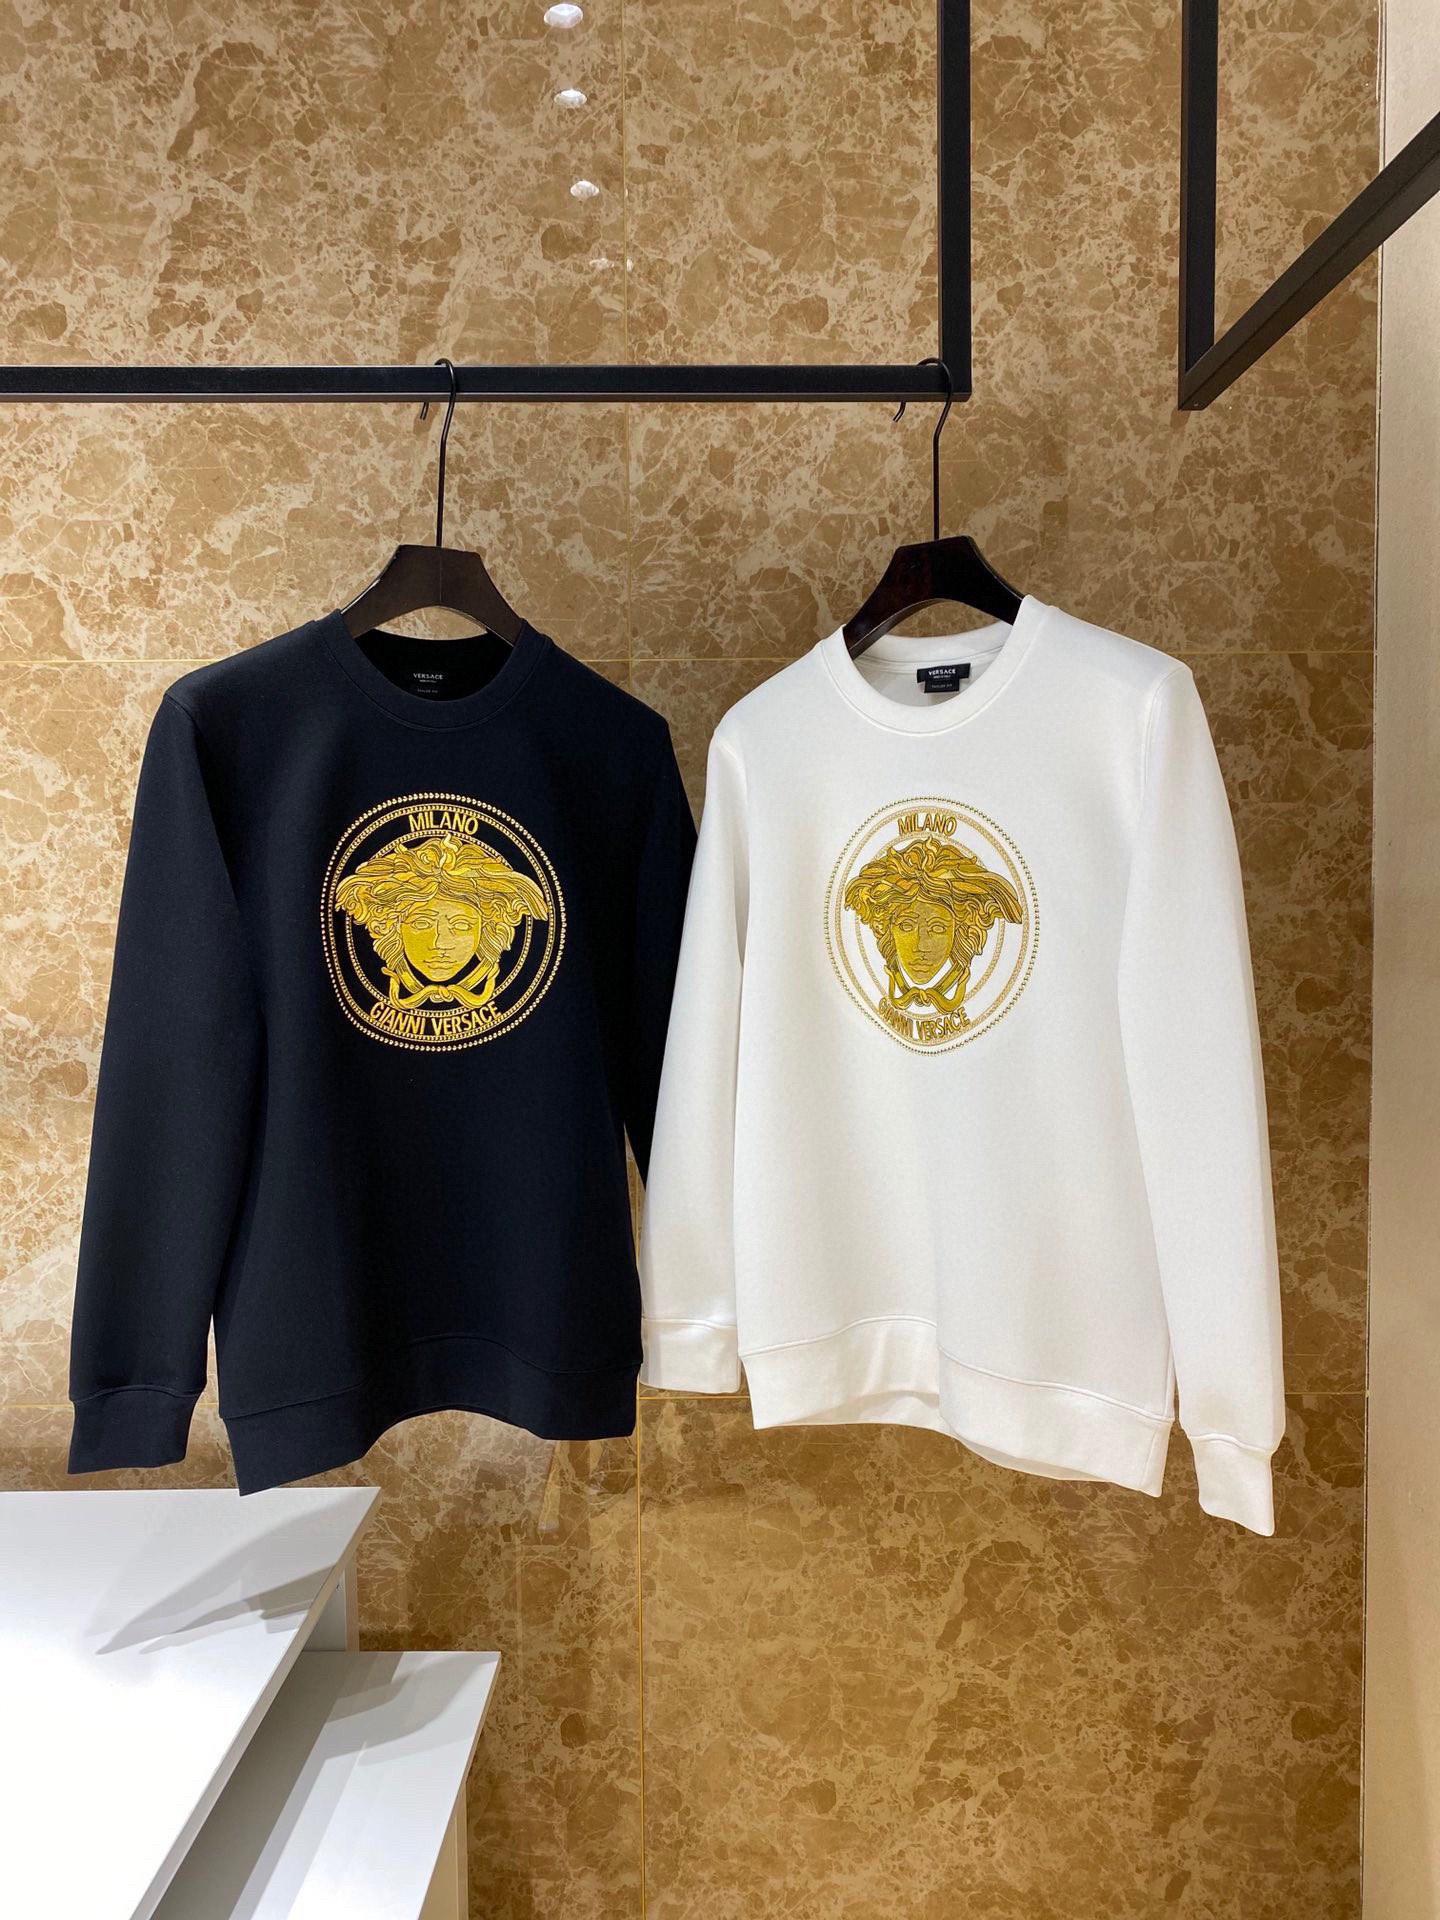 广州大牌潮牌服装 一手货源 长期招代理 一件代发